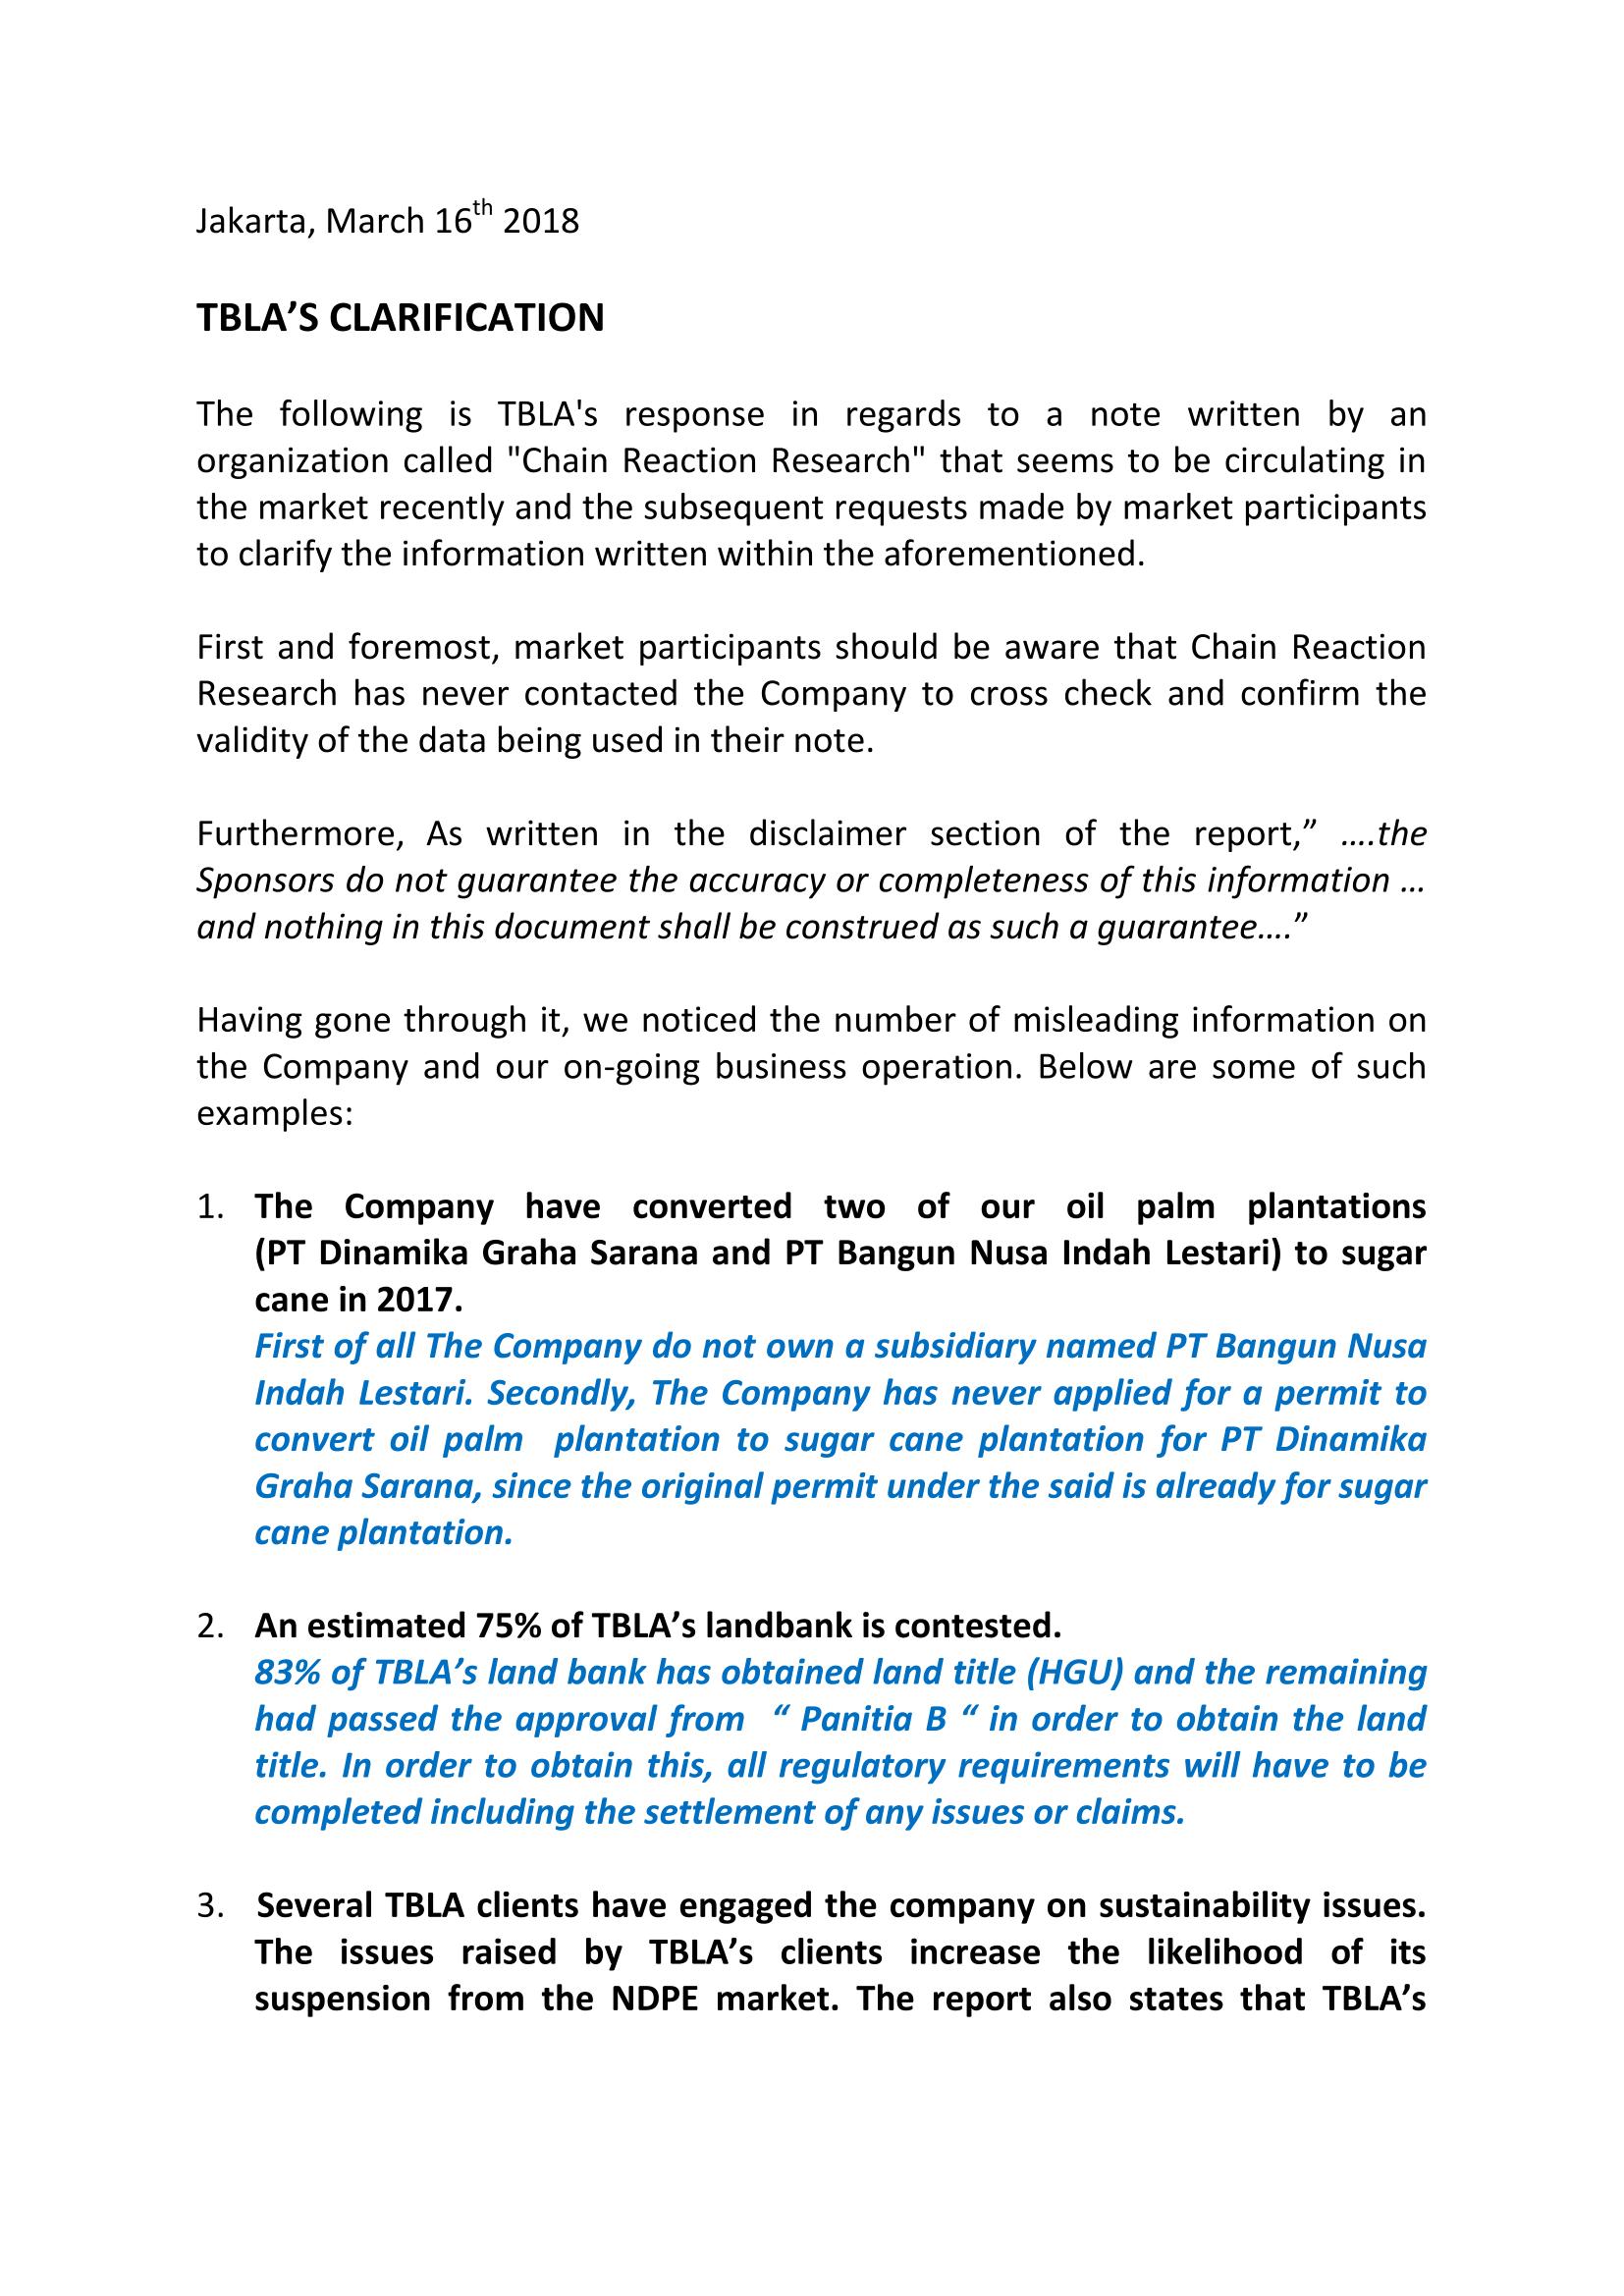 TBLA's Clarification-1